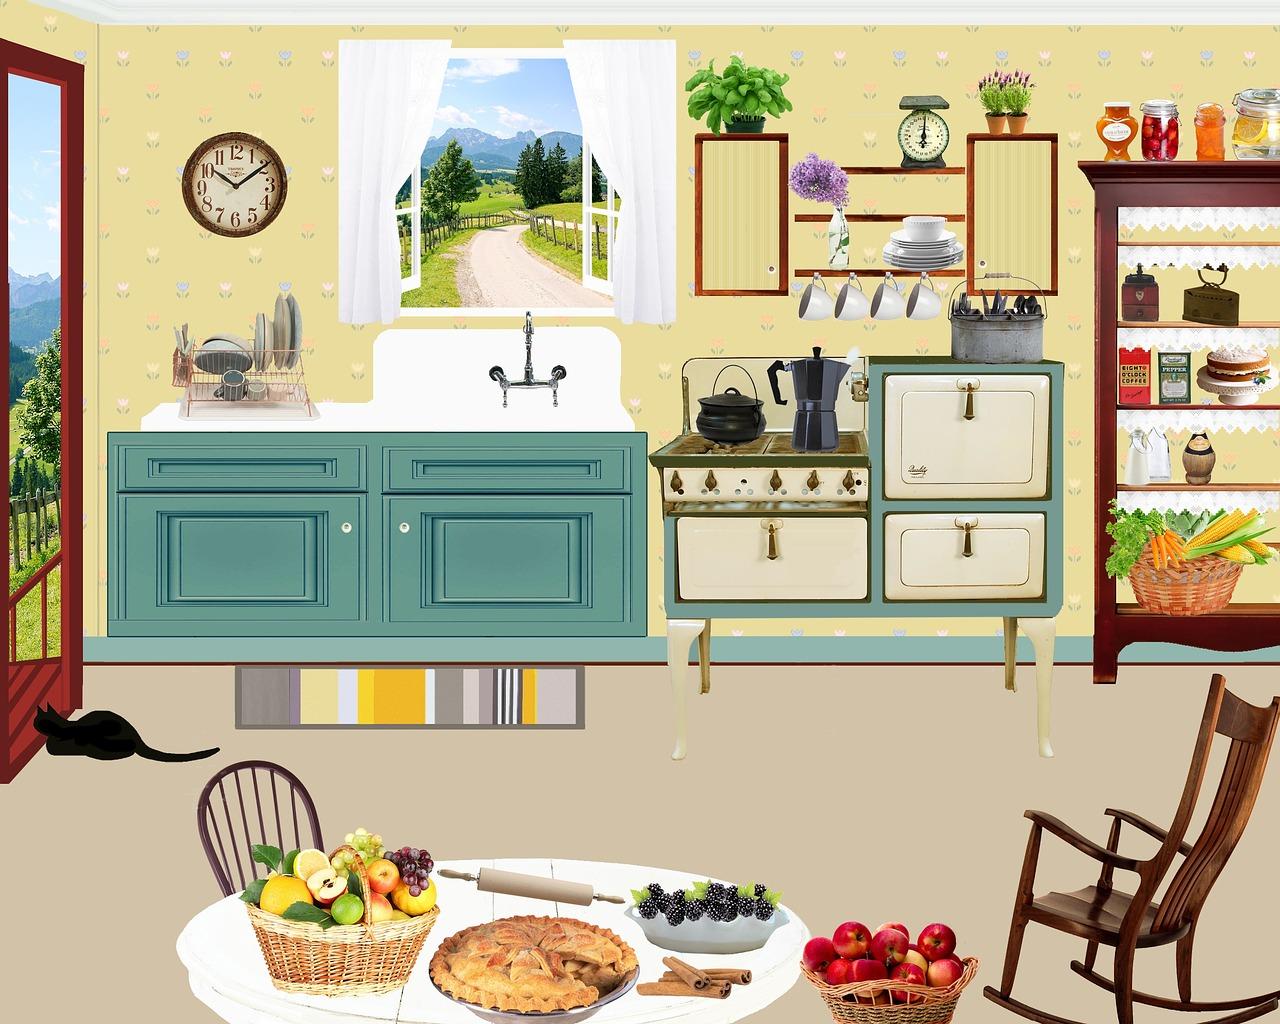 بازسازی آشپزخانه و سرویس بهداشتی